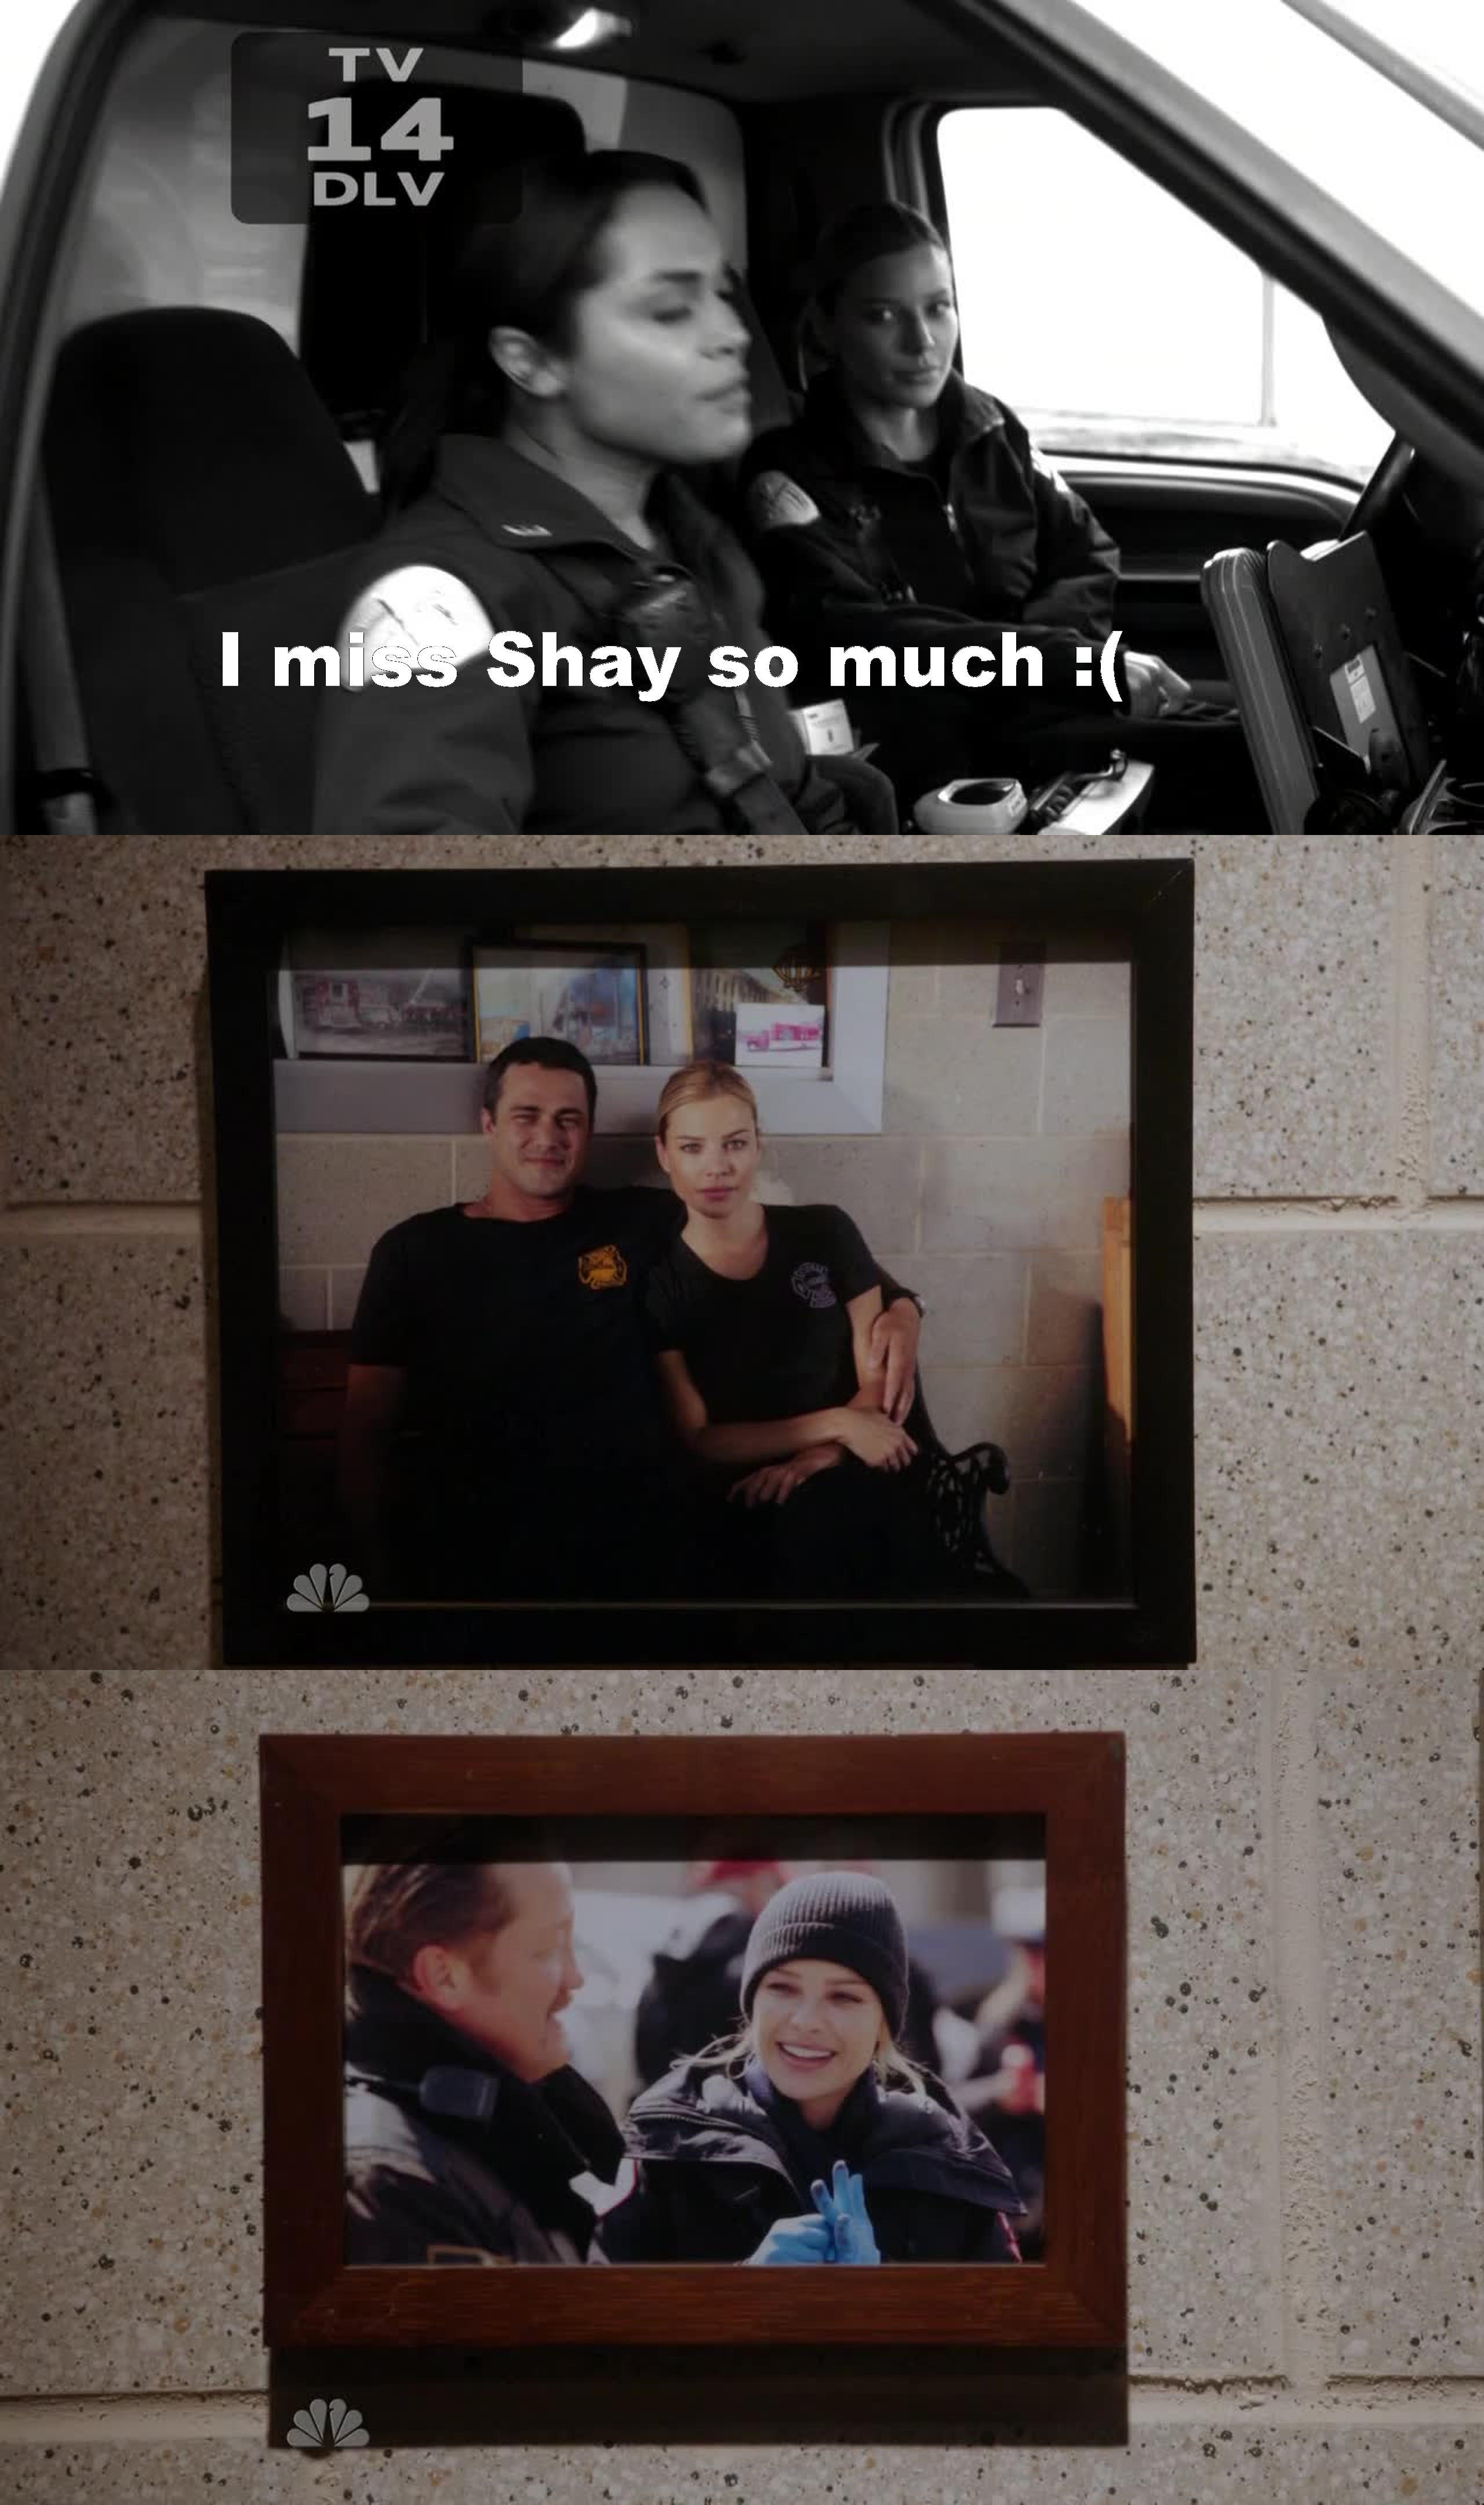 RIP Shay :( Still miss her